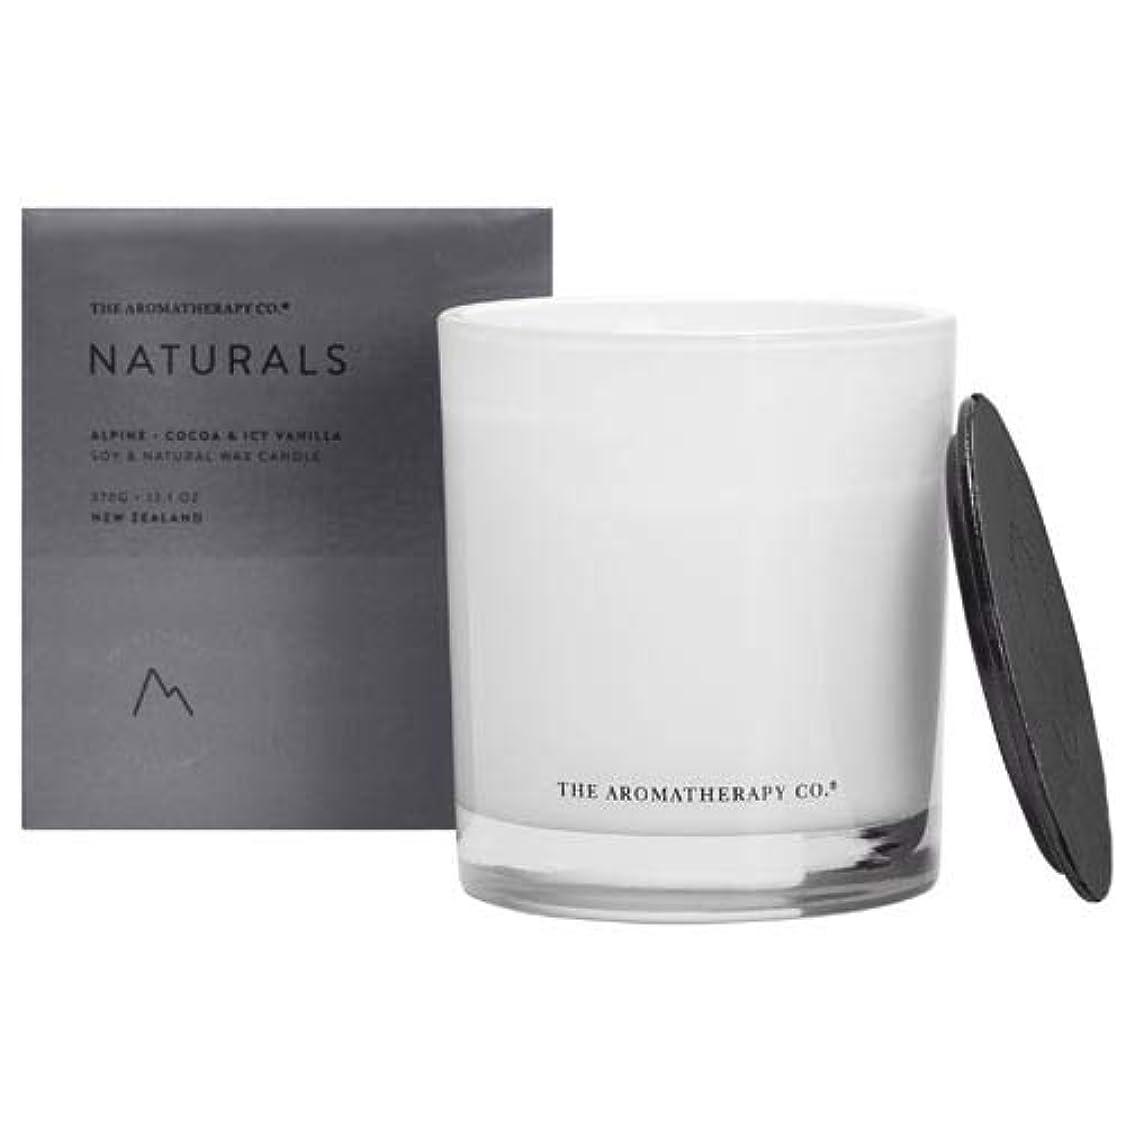 ほこり海洋の不可能なアロマセラピーカンパニー(Aromatherapy Company) new NATURALS ナチュラルズ Candle キャンドル Alpine アルパイン(山) Cocoa & Icy Vanilla ココア&アイシーバニラ